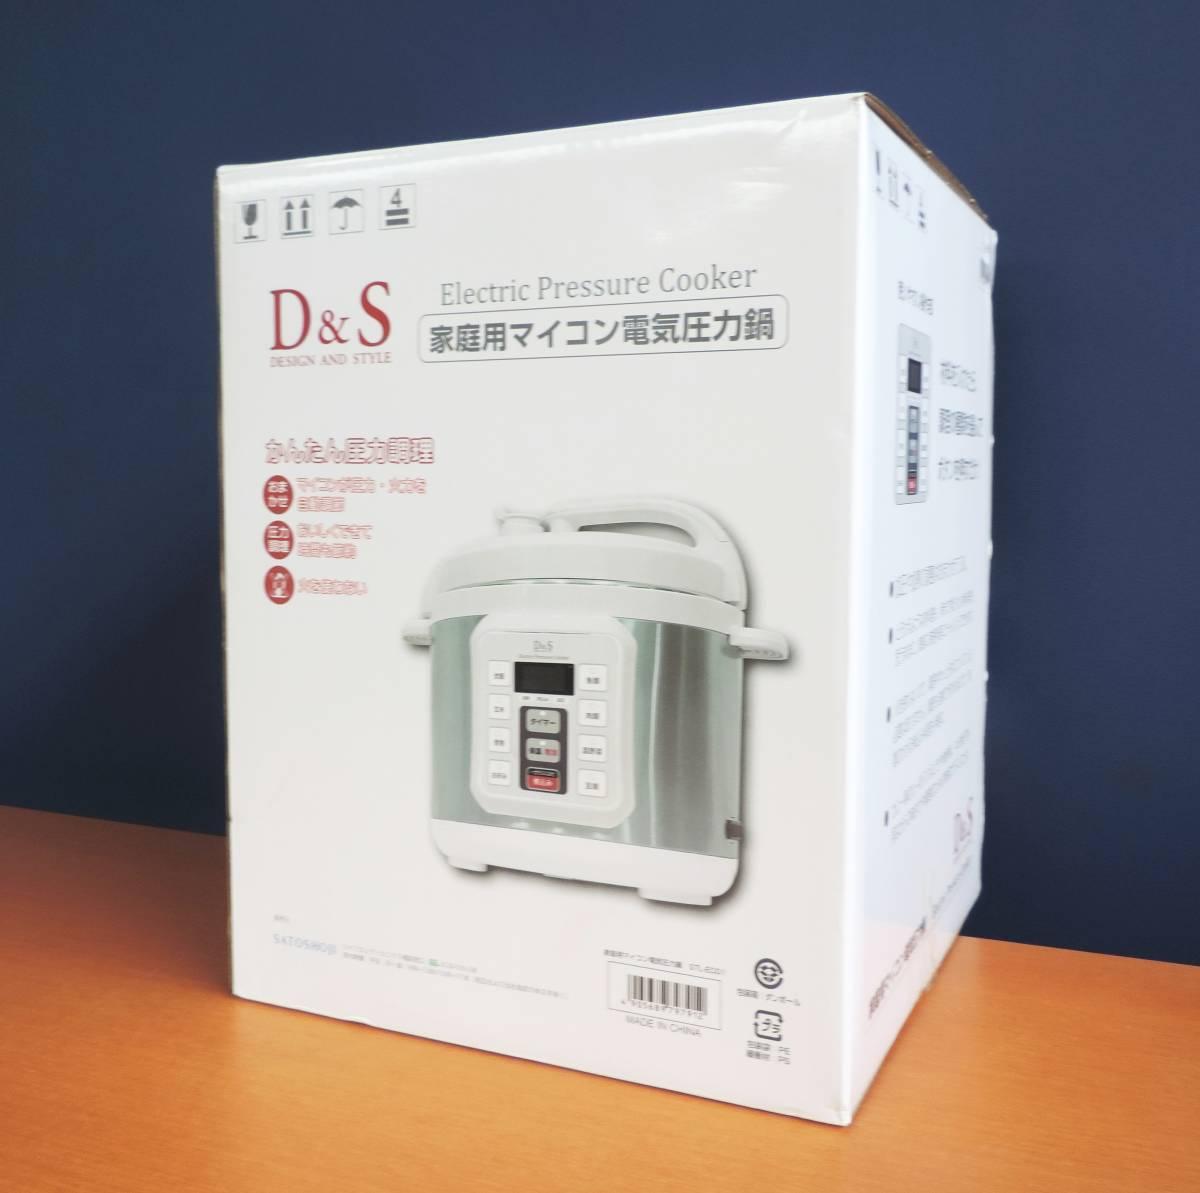 新品未使用品◇t8551 D&S【STL-EC01】マイコン電気圧力鍋